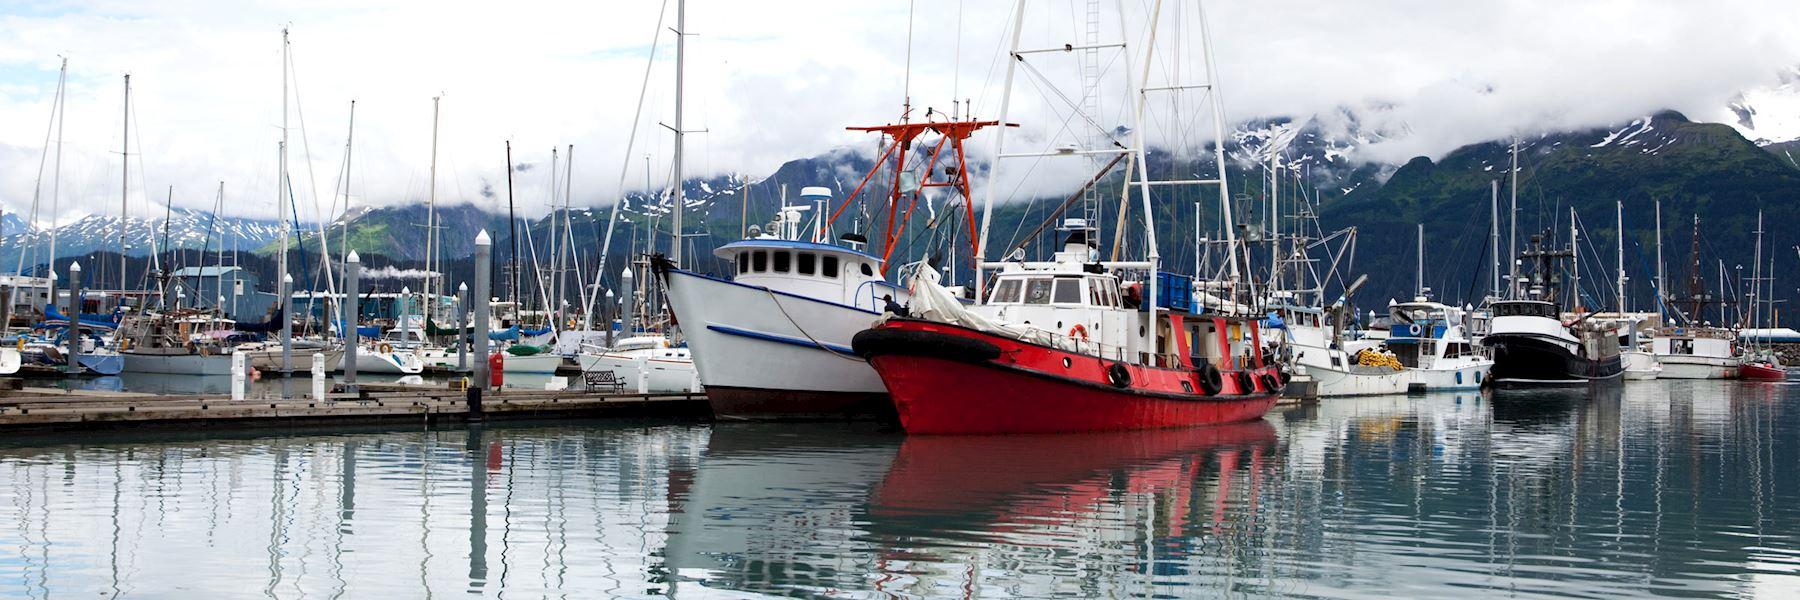 Visit Seward, Alaska